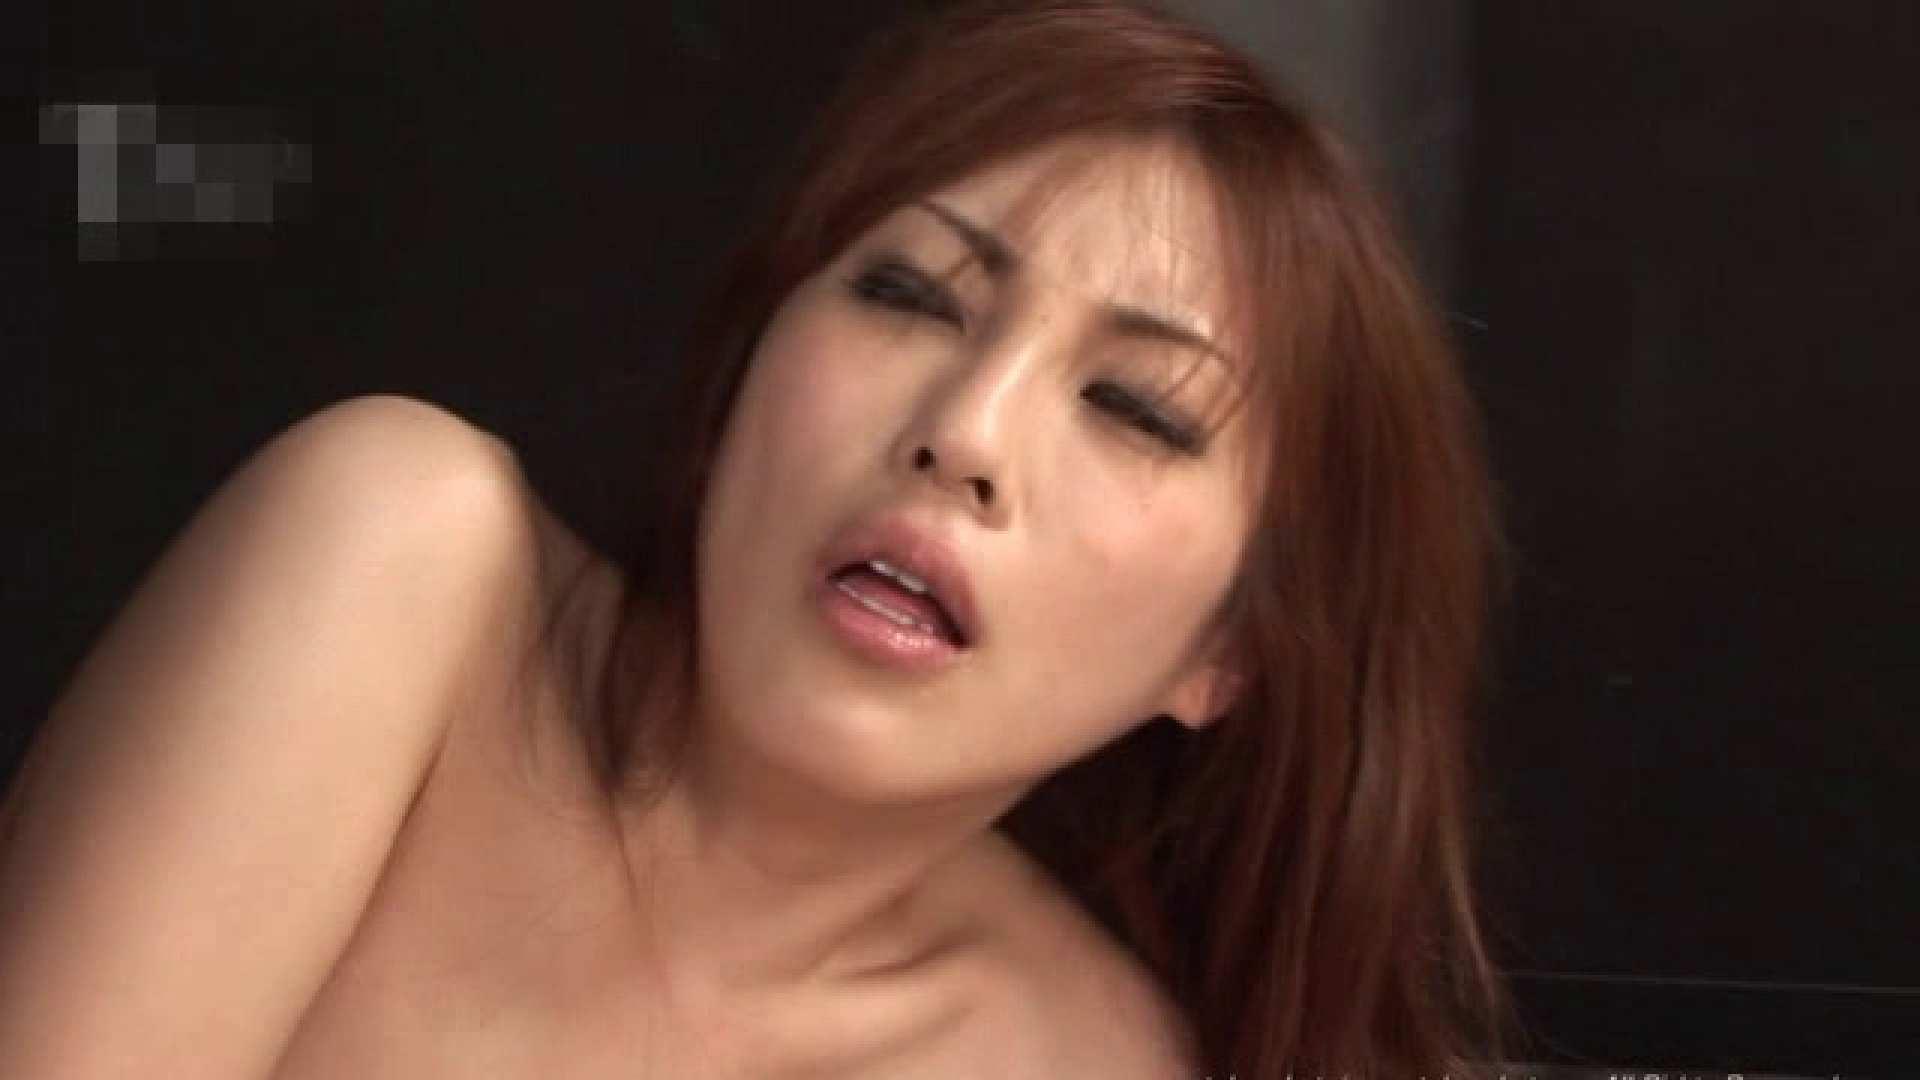 長身モデル連続アメ 鬼畜  103Pix 99